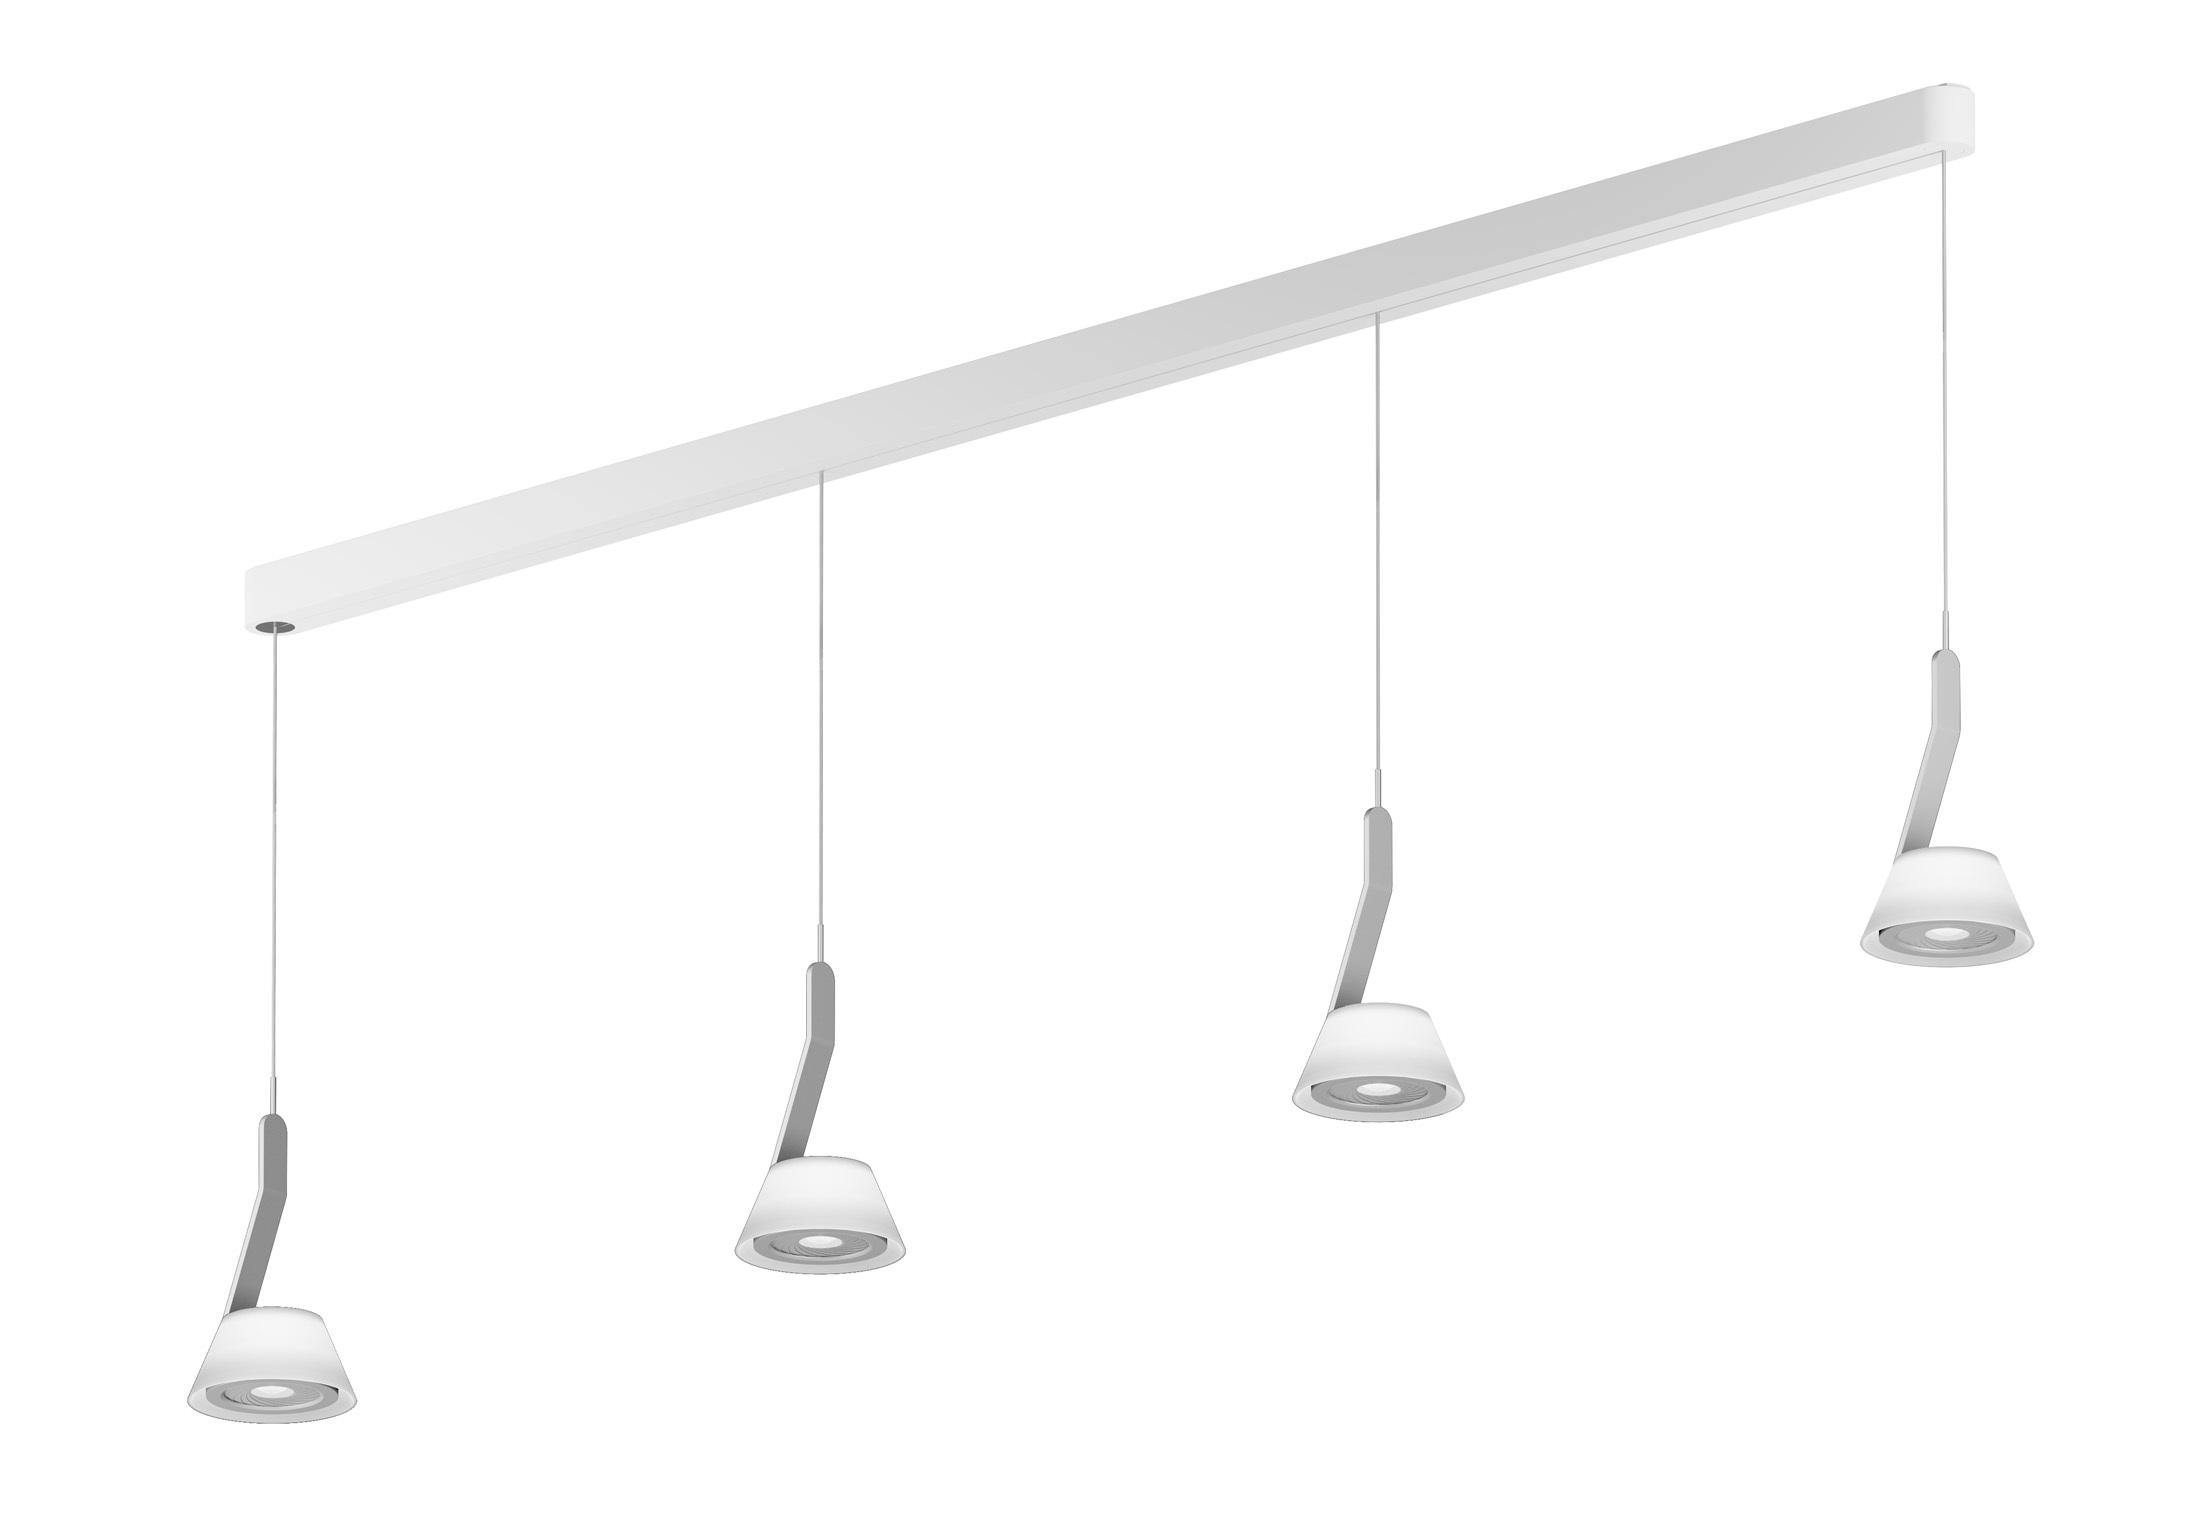 lei linea quattro  lei linea quattro by Occhio   STYLEPARK. Quattro Lighting. Home Design Ideas